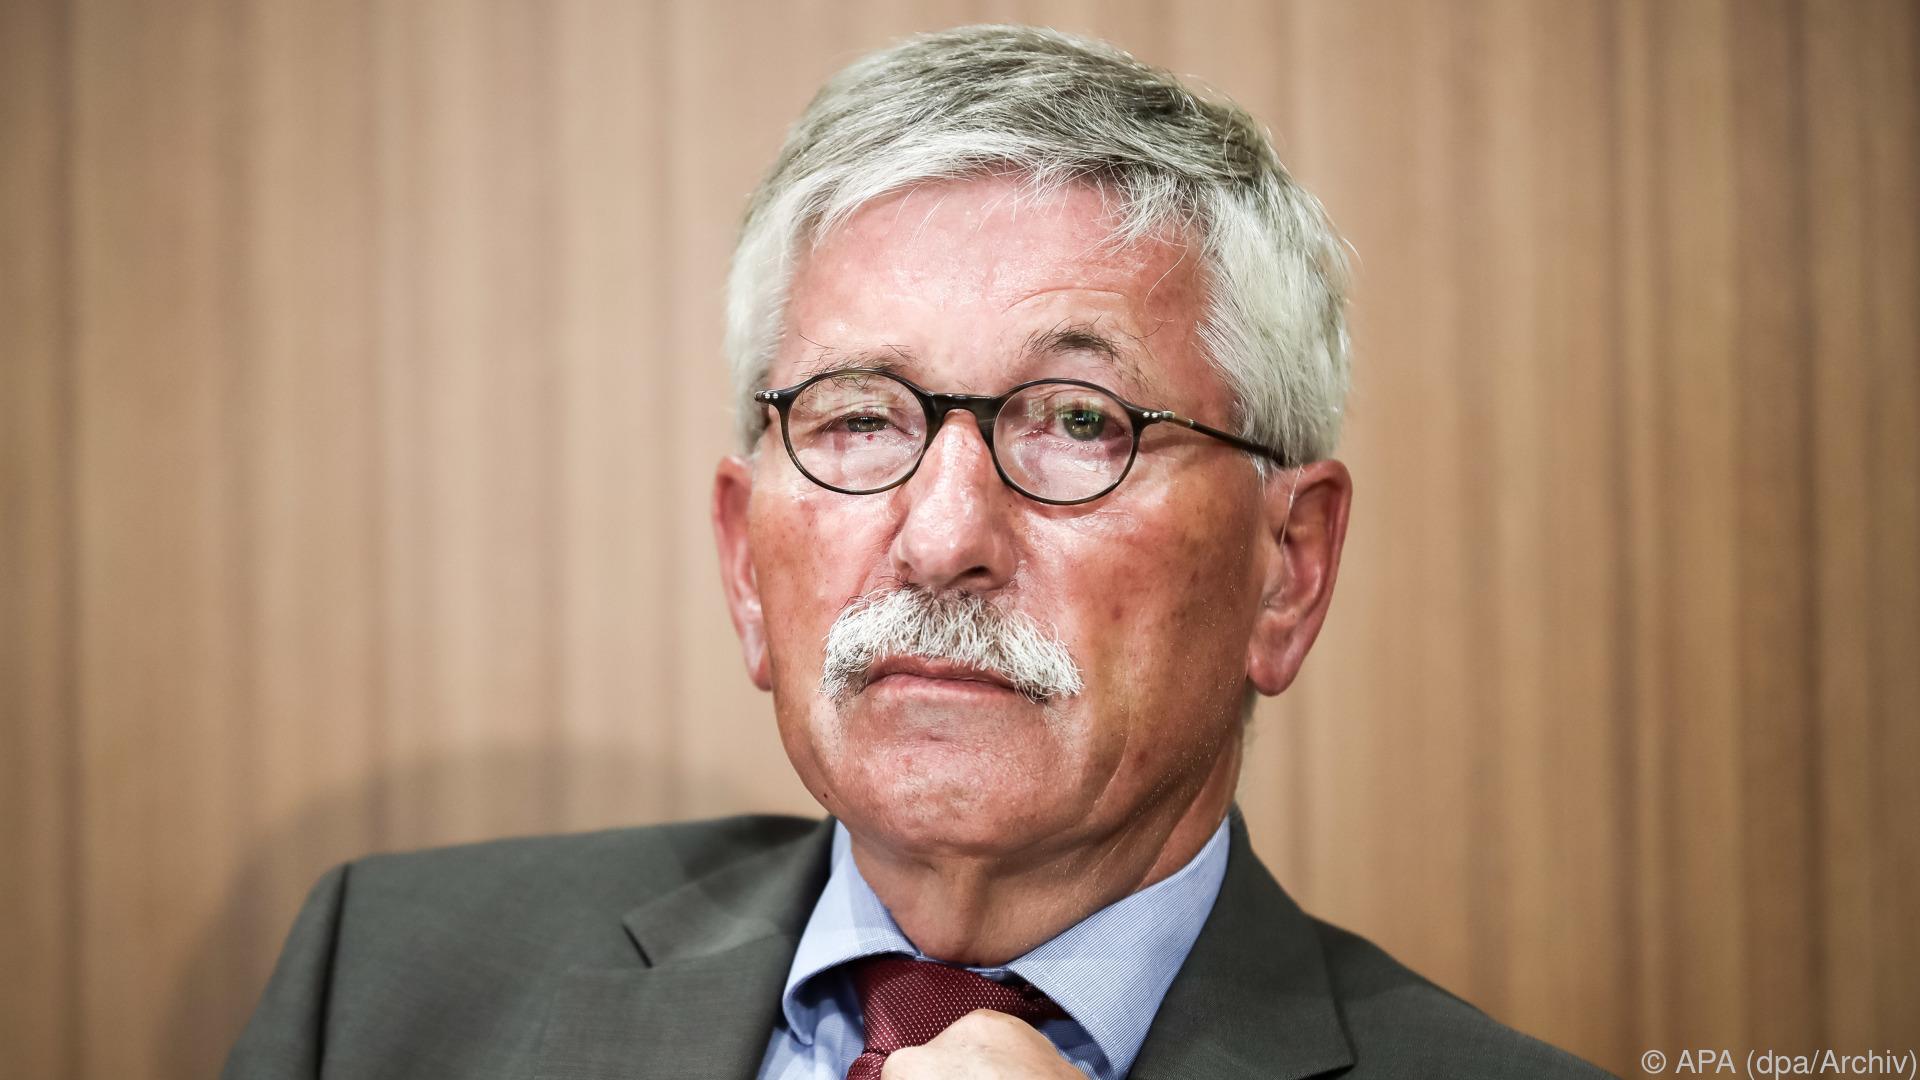 Auftritt bei der FPÖ kostet Sarrazin SPD-Mitgliedschaft